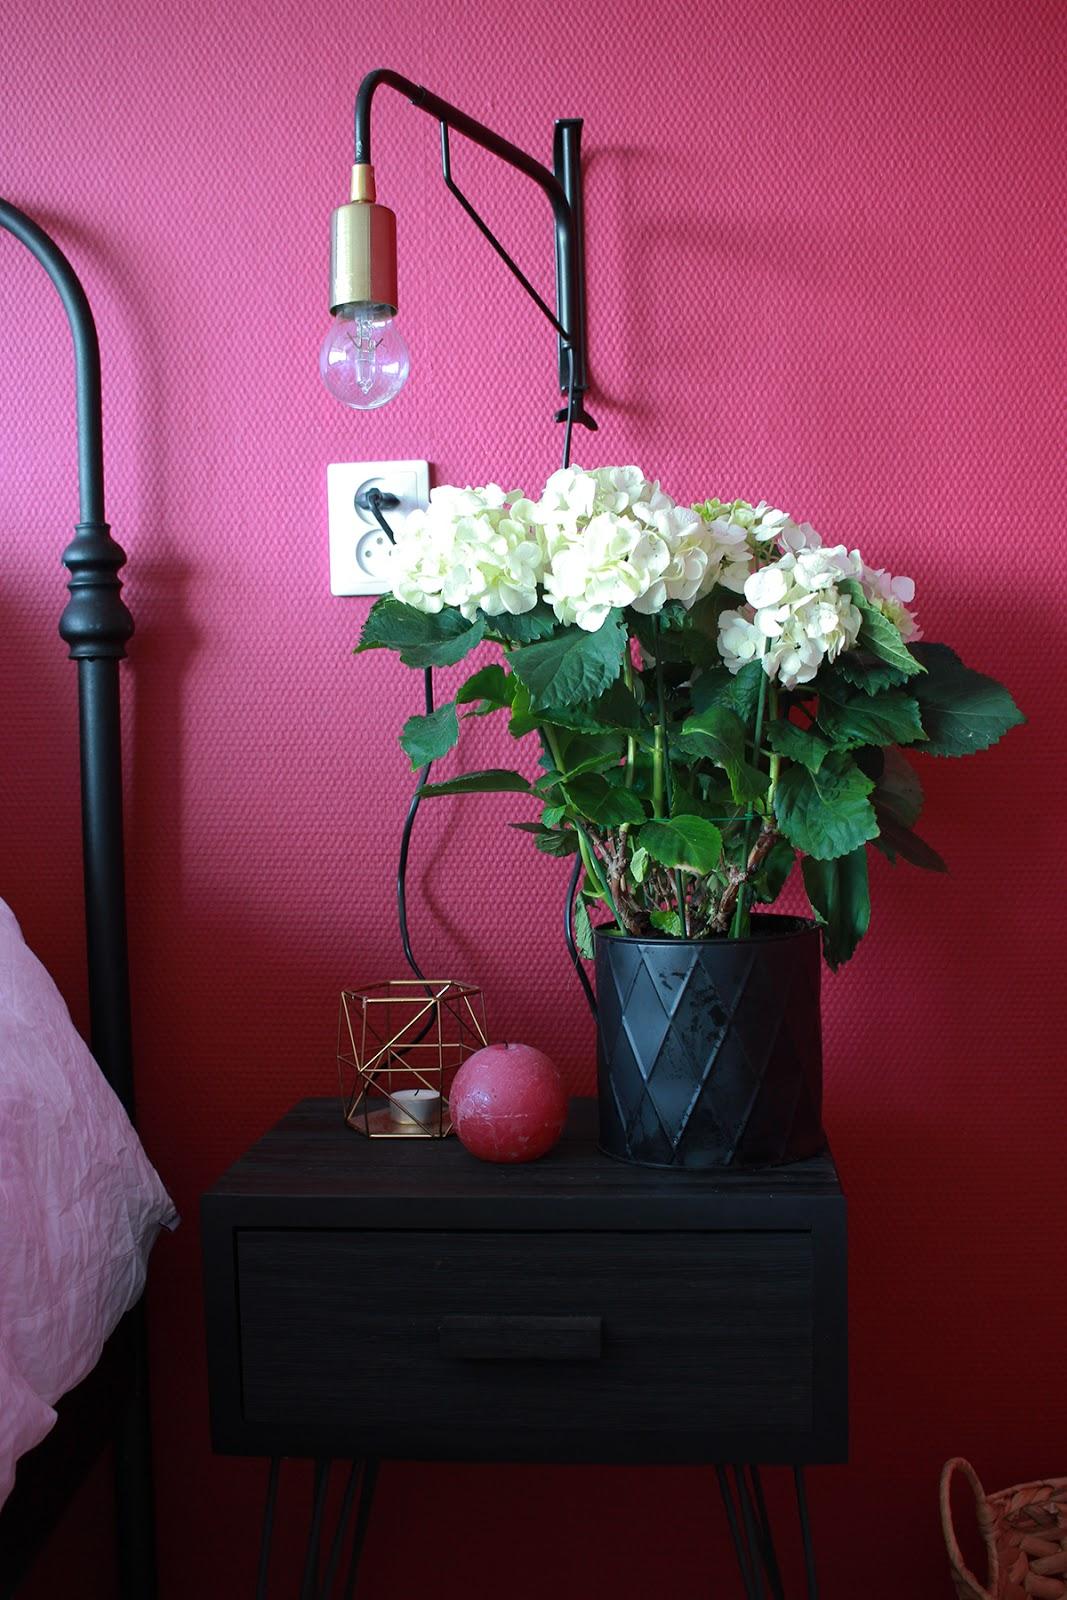 0db29c57fa2 5 tips voor een 'zen' slaapkamer en goede nachtrust   The Budget ...